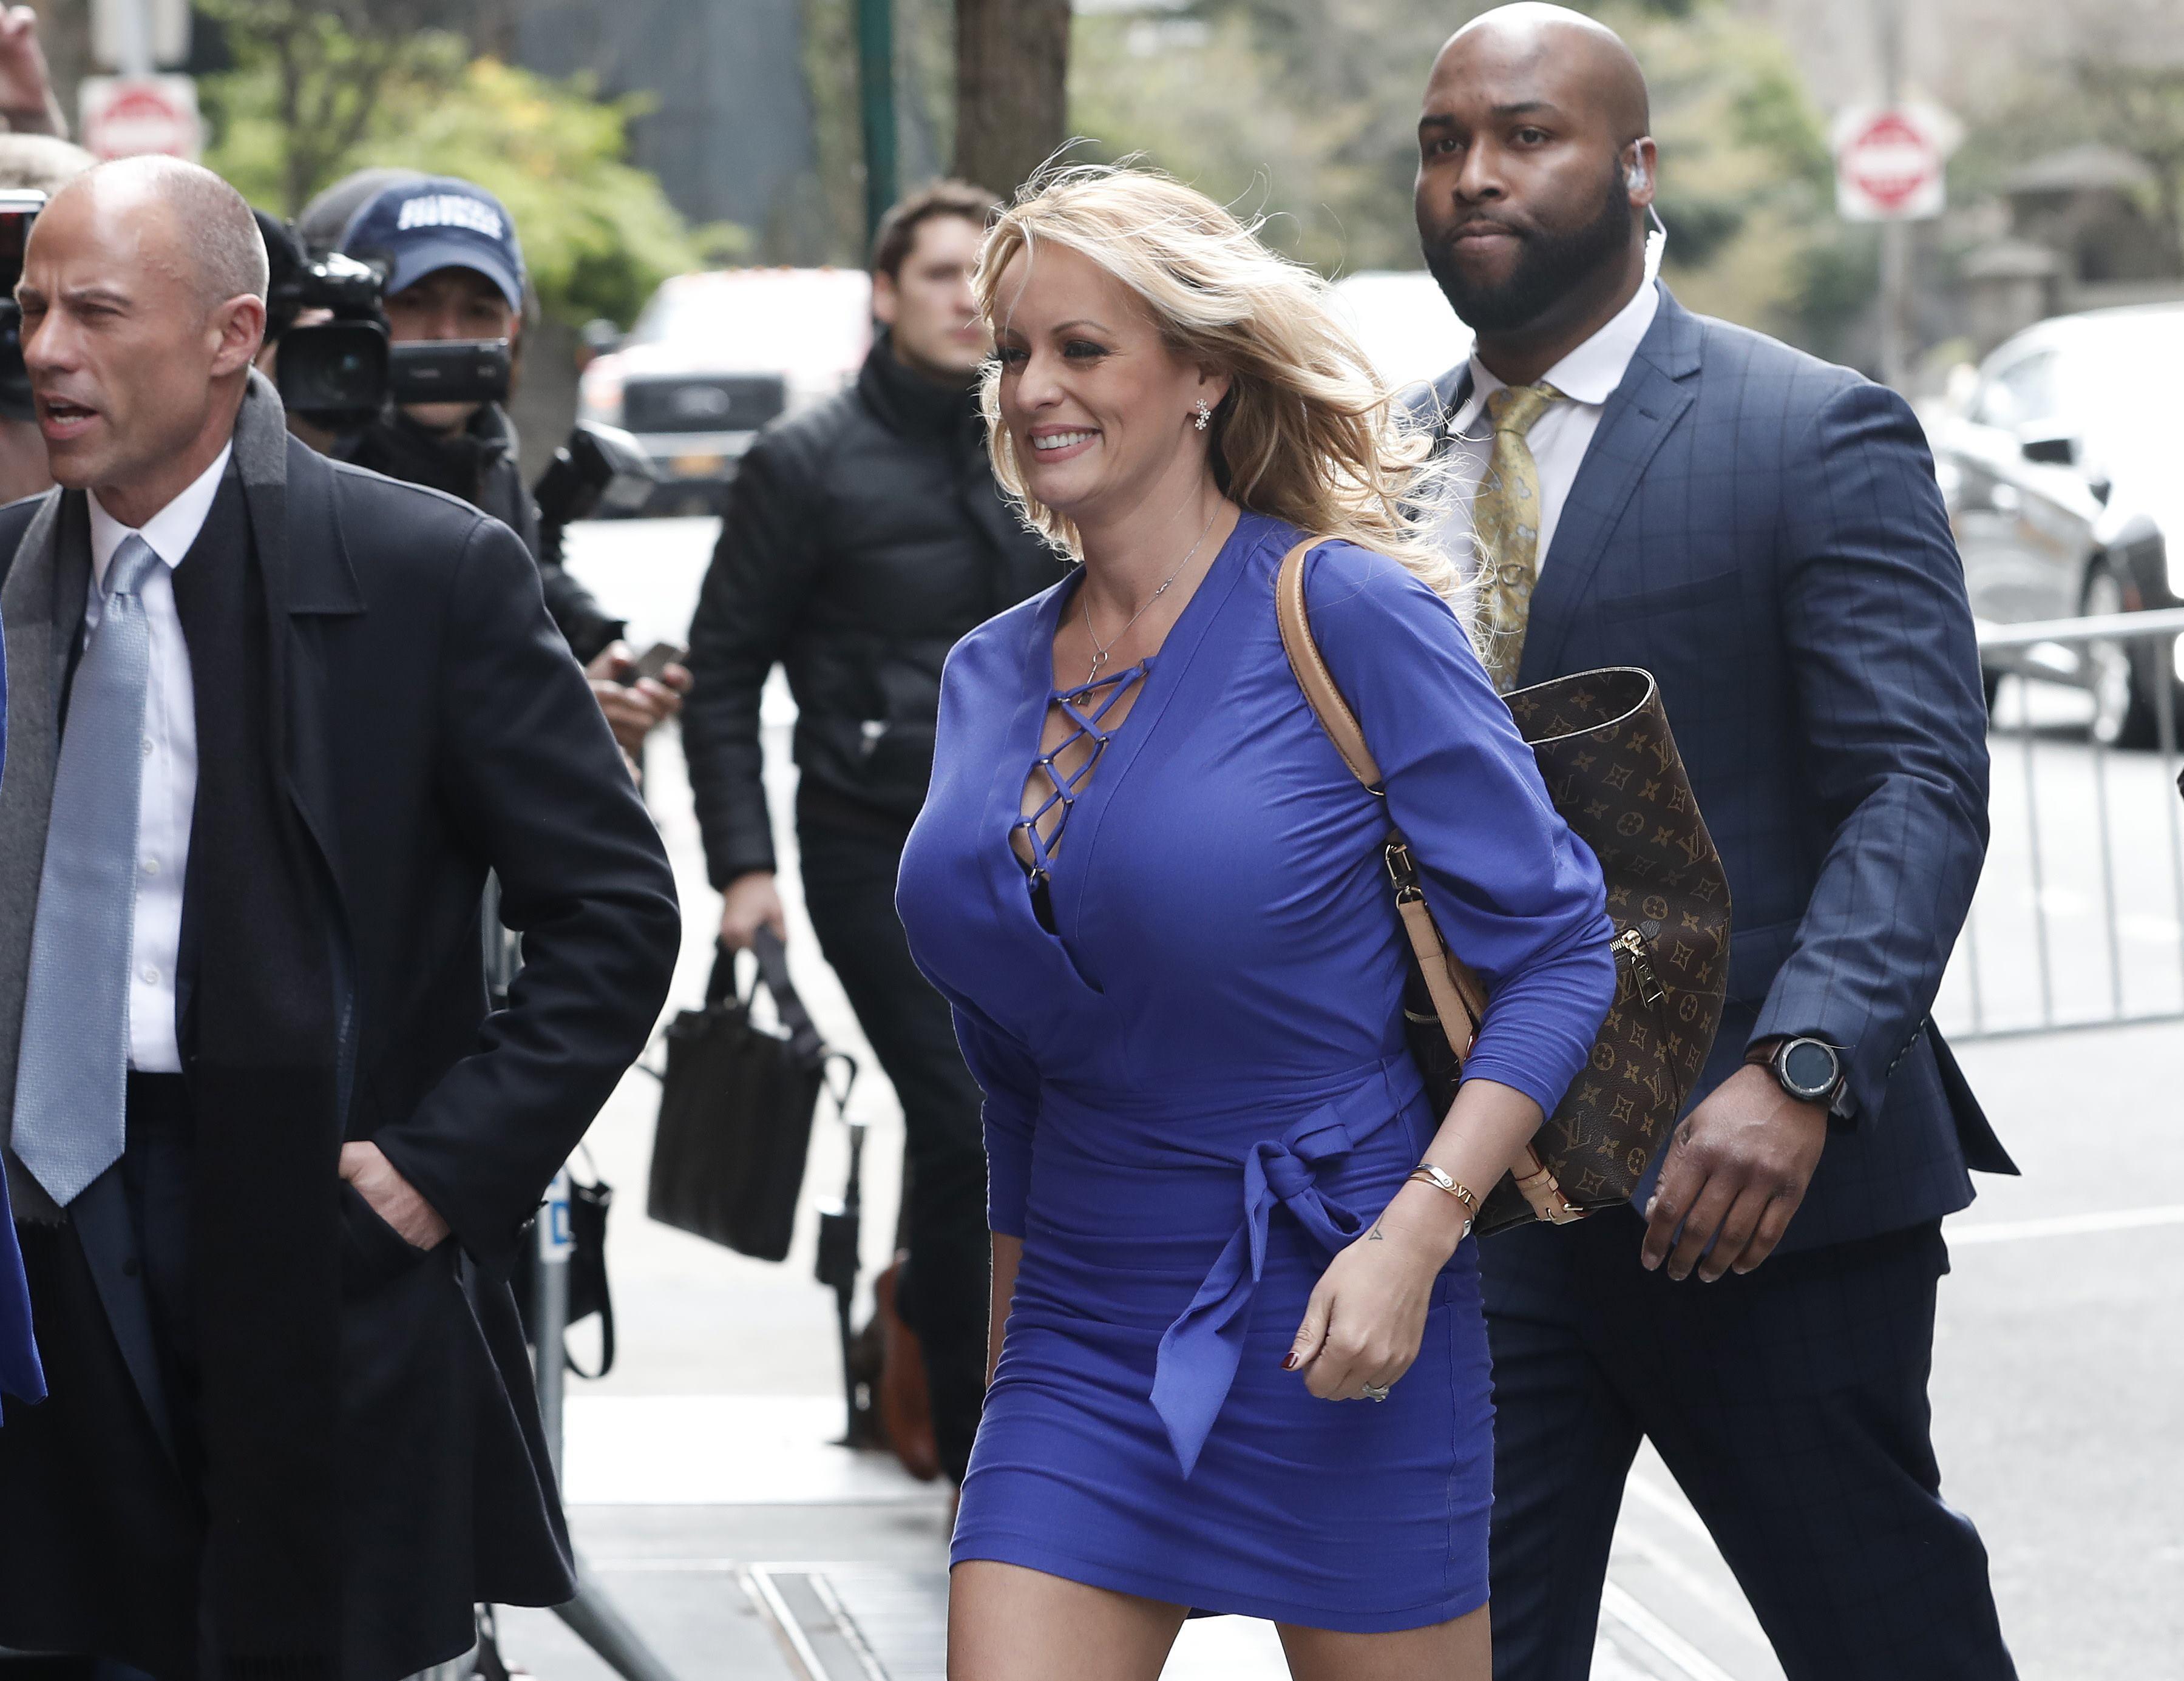 白宫说特朗普最初并不知道他的律师付了色情明星